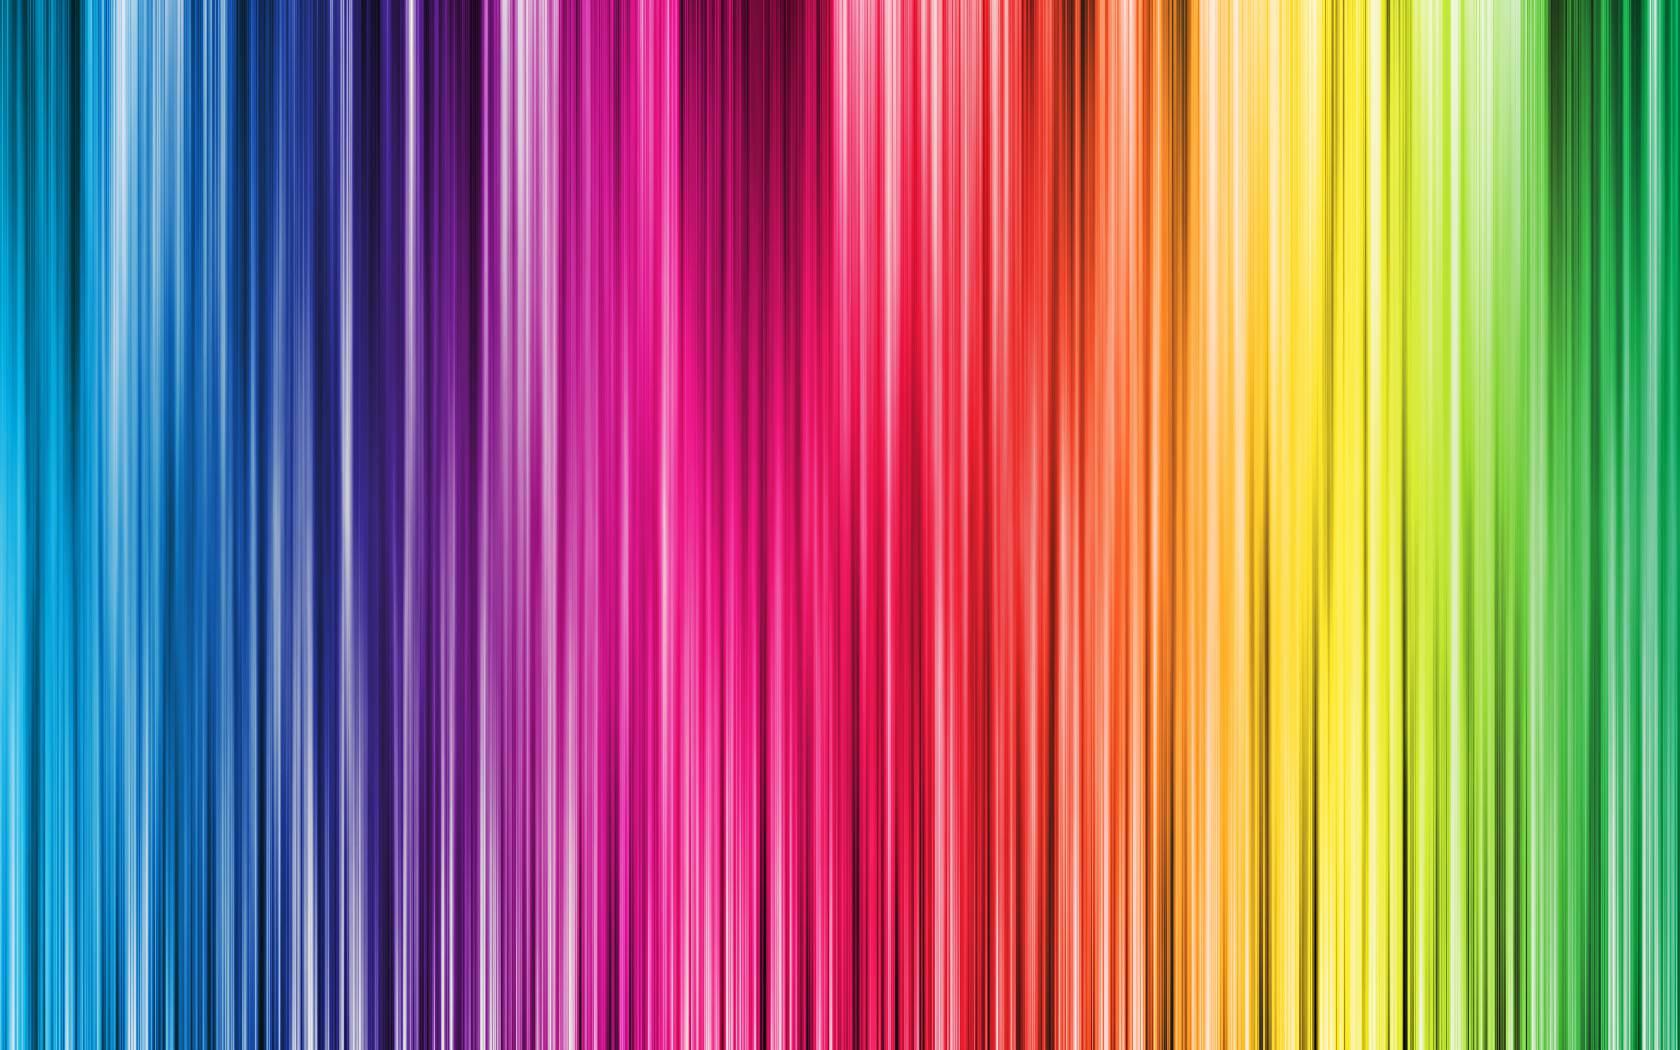 colors images rainbow colour - photo #44